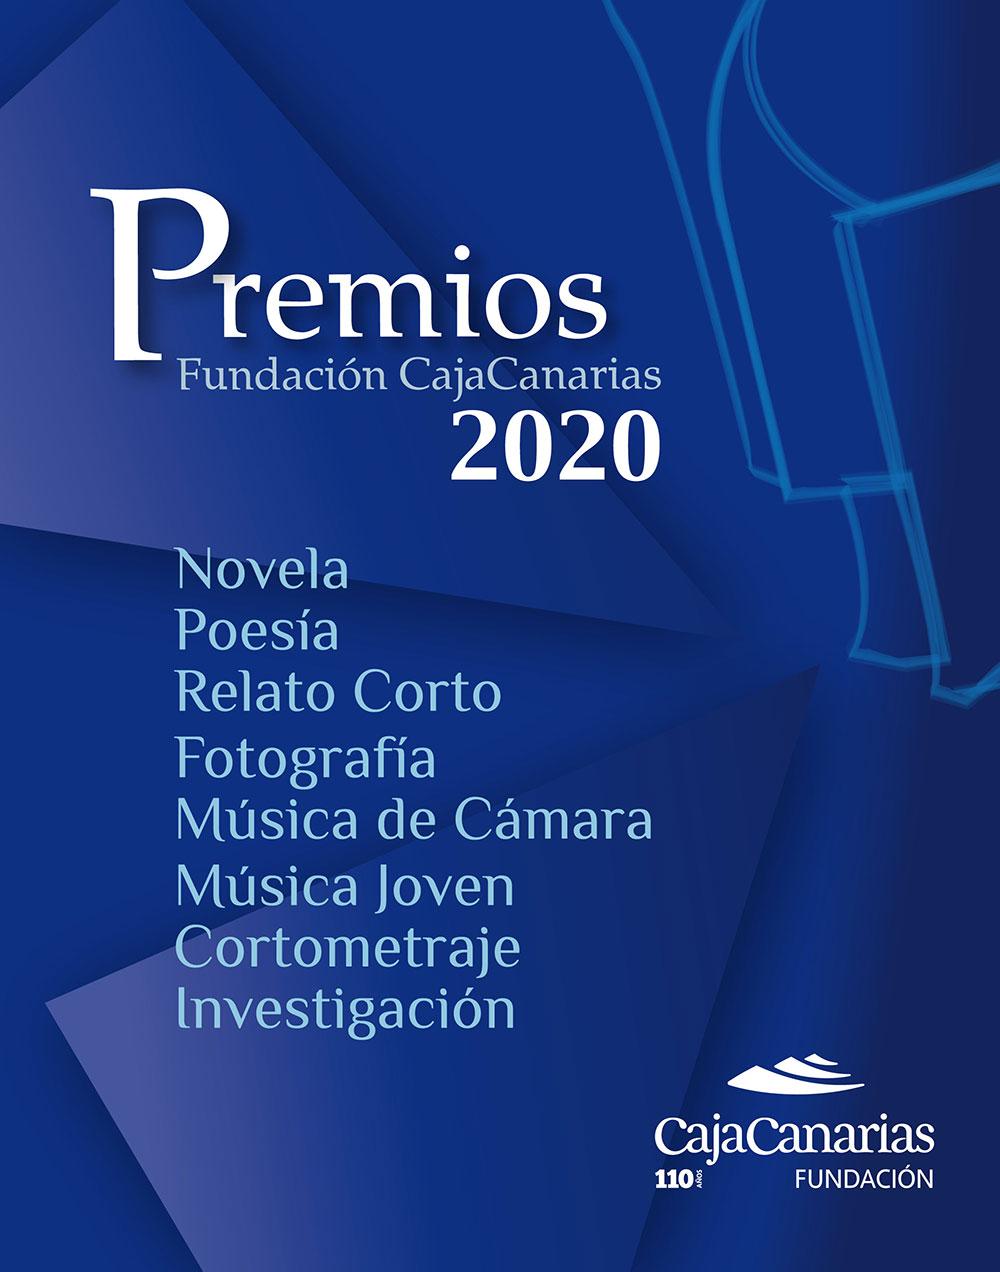 Premios Fundación CajaCanarias 2020